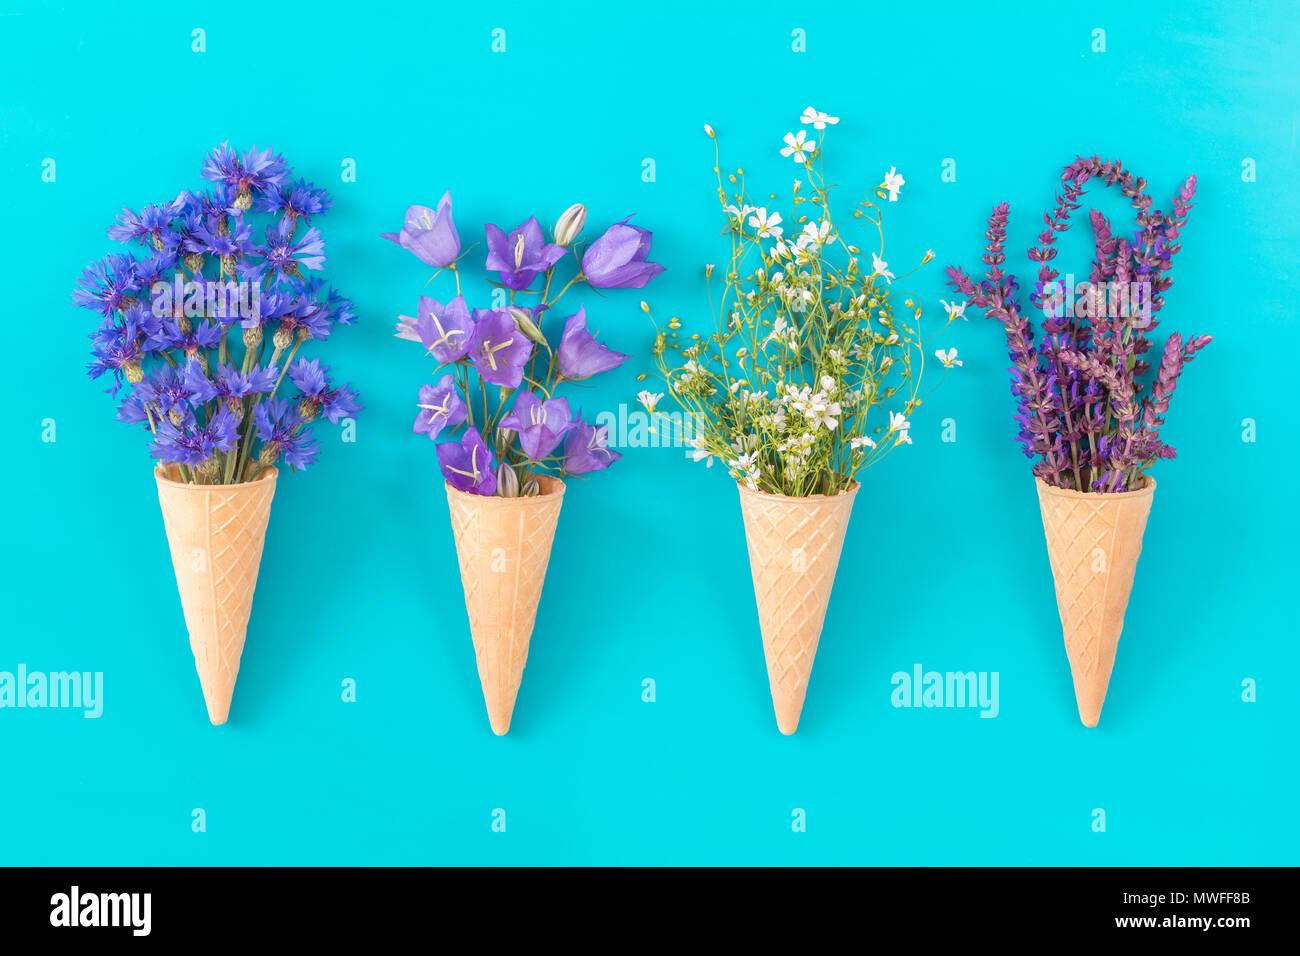 Cuatro conos waffle con el tomillo, el aciano, Blue Bells y flores blancas florecen ramos sobre la superficie azul. Vista superior de la lay, plano de fondo floral. Imagen De Stock